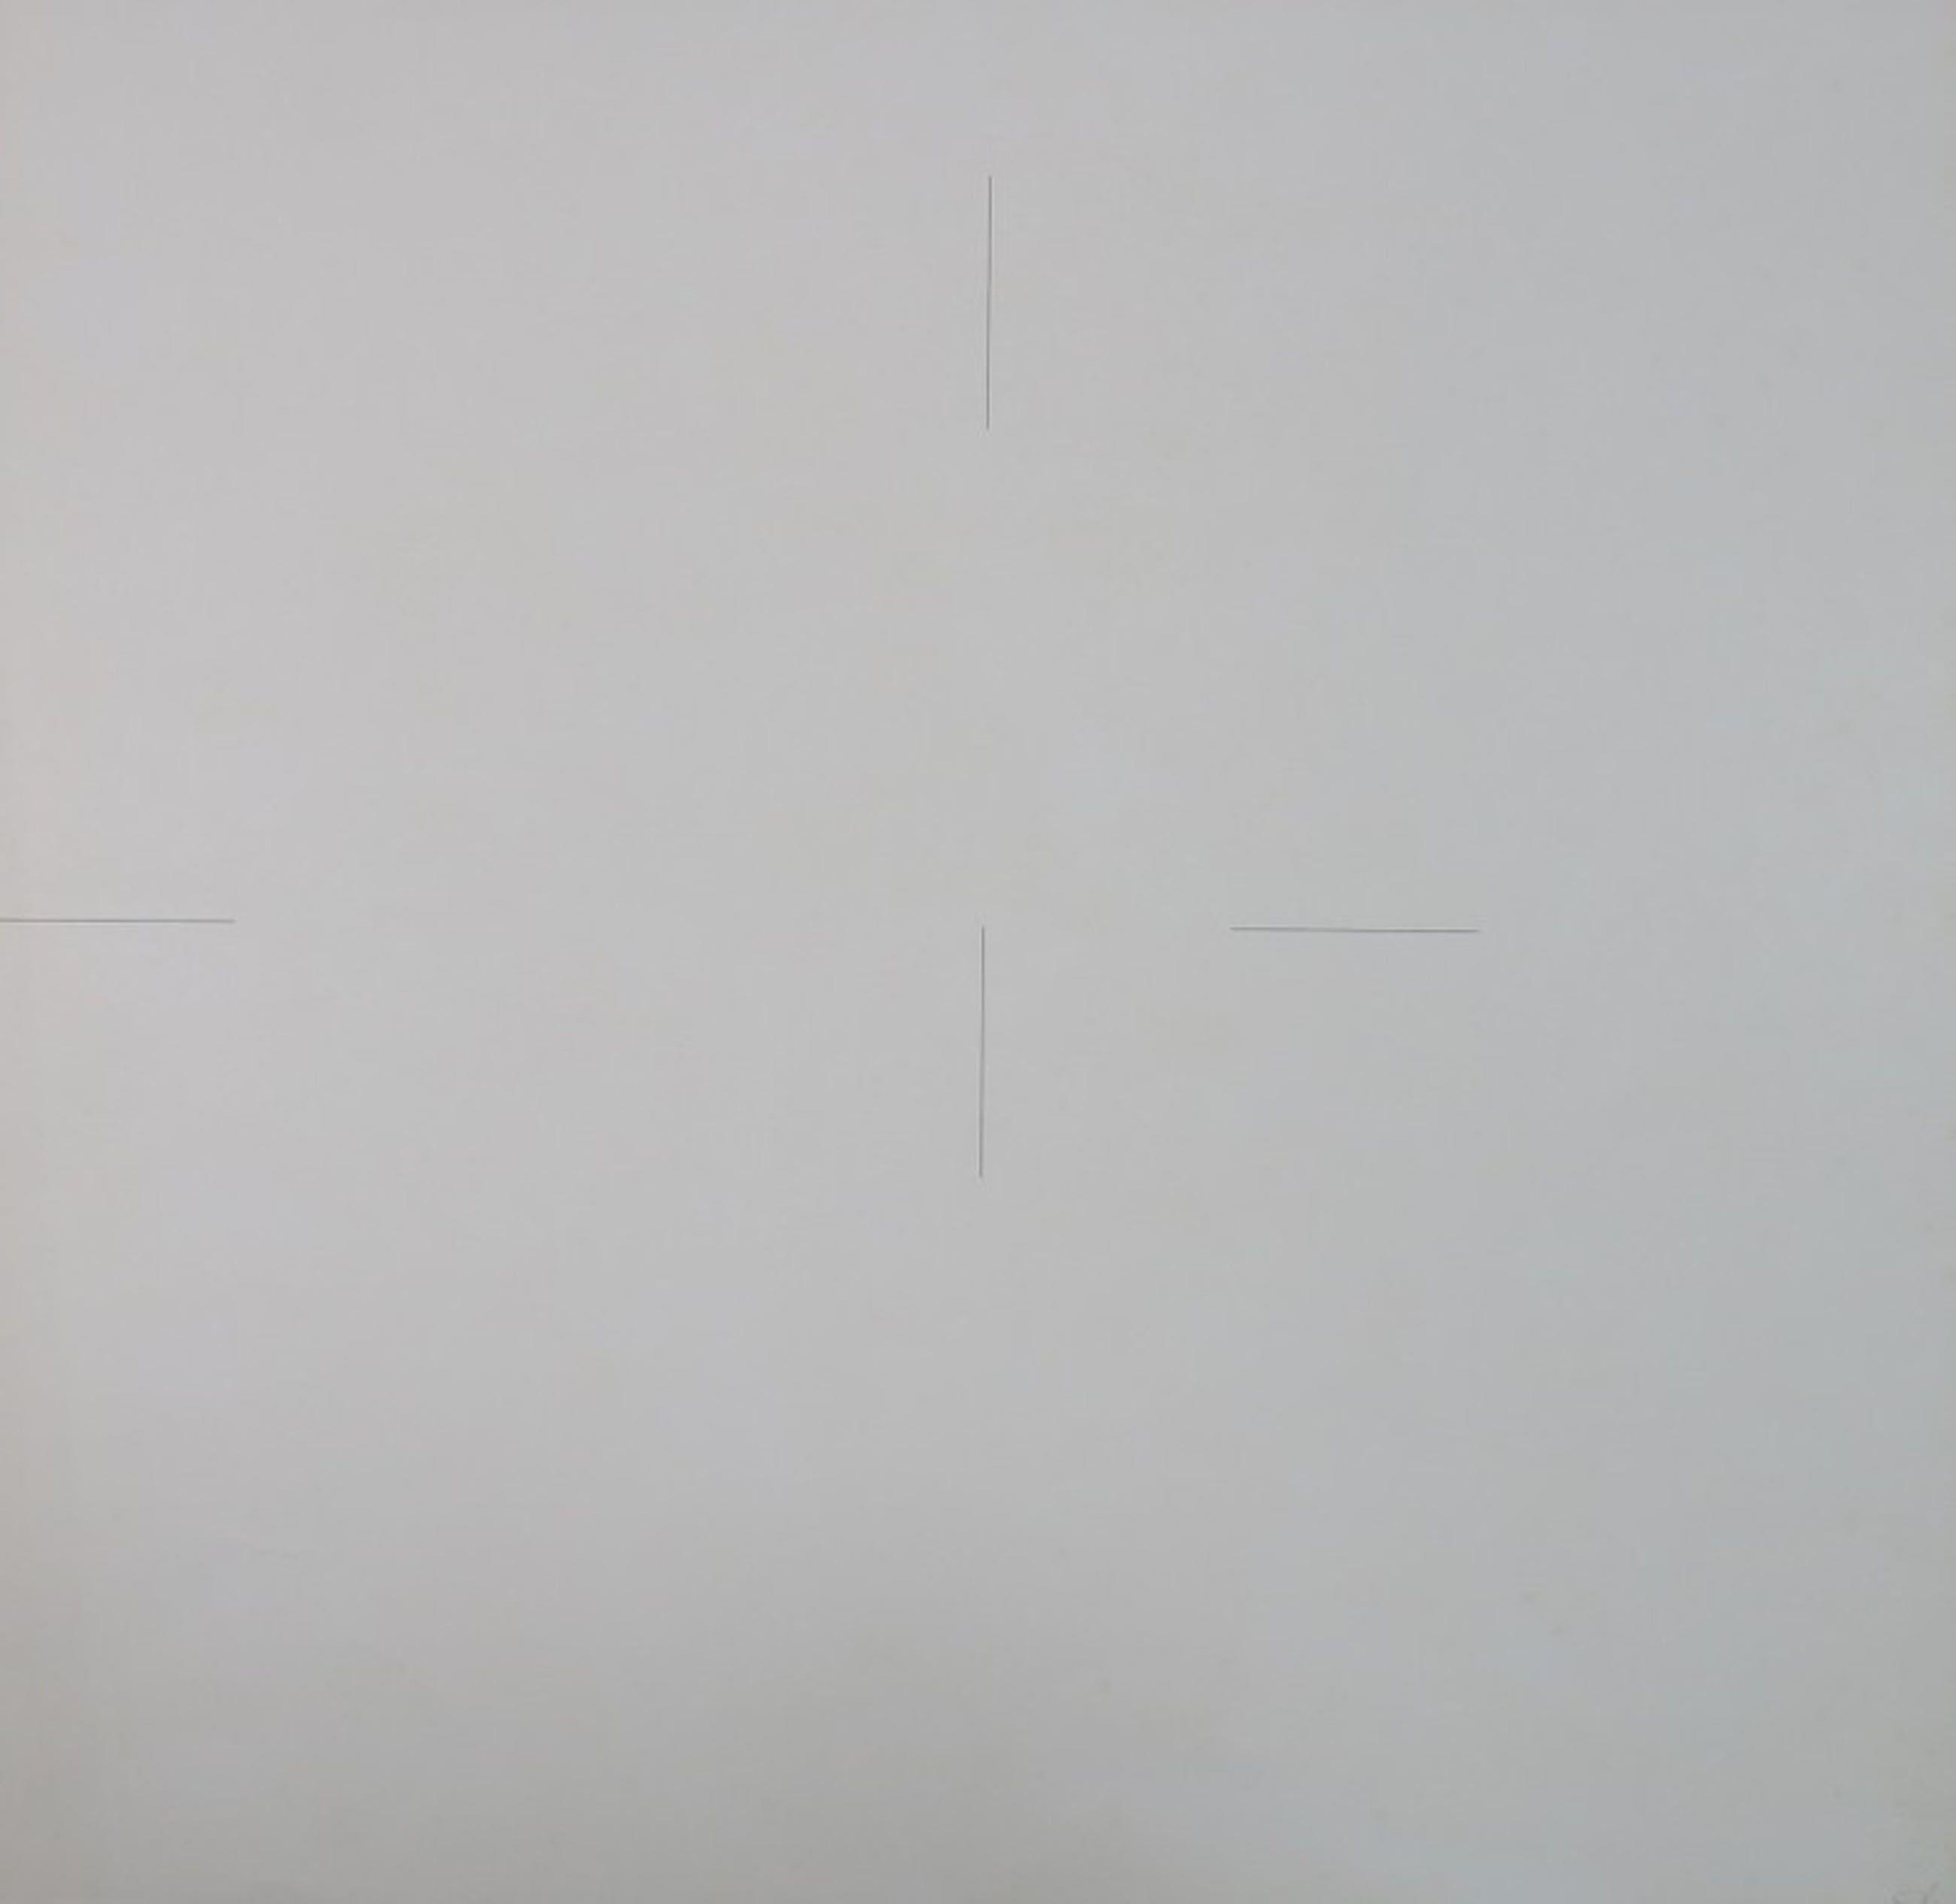 Ad Dekkers: Zeefdruk, Abstracte compositie kopen? Bied vanaf 70!